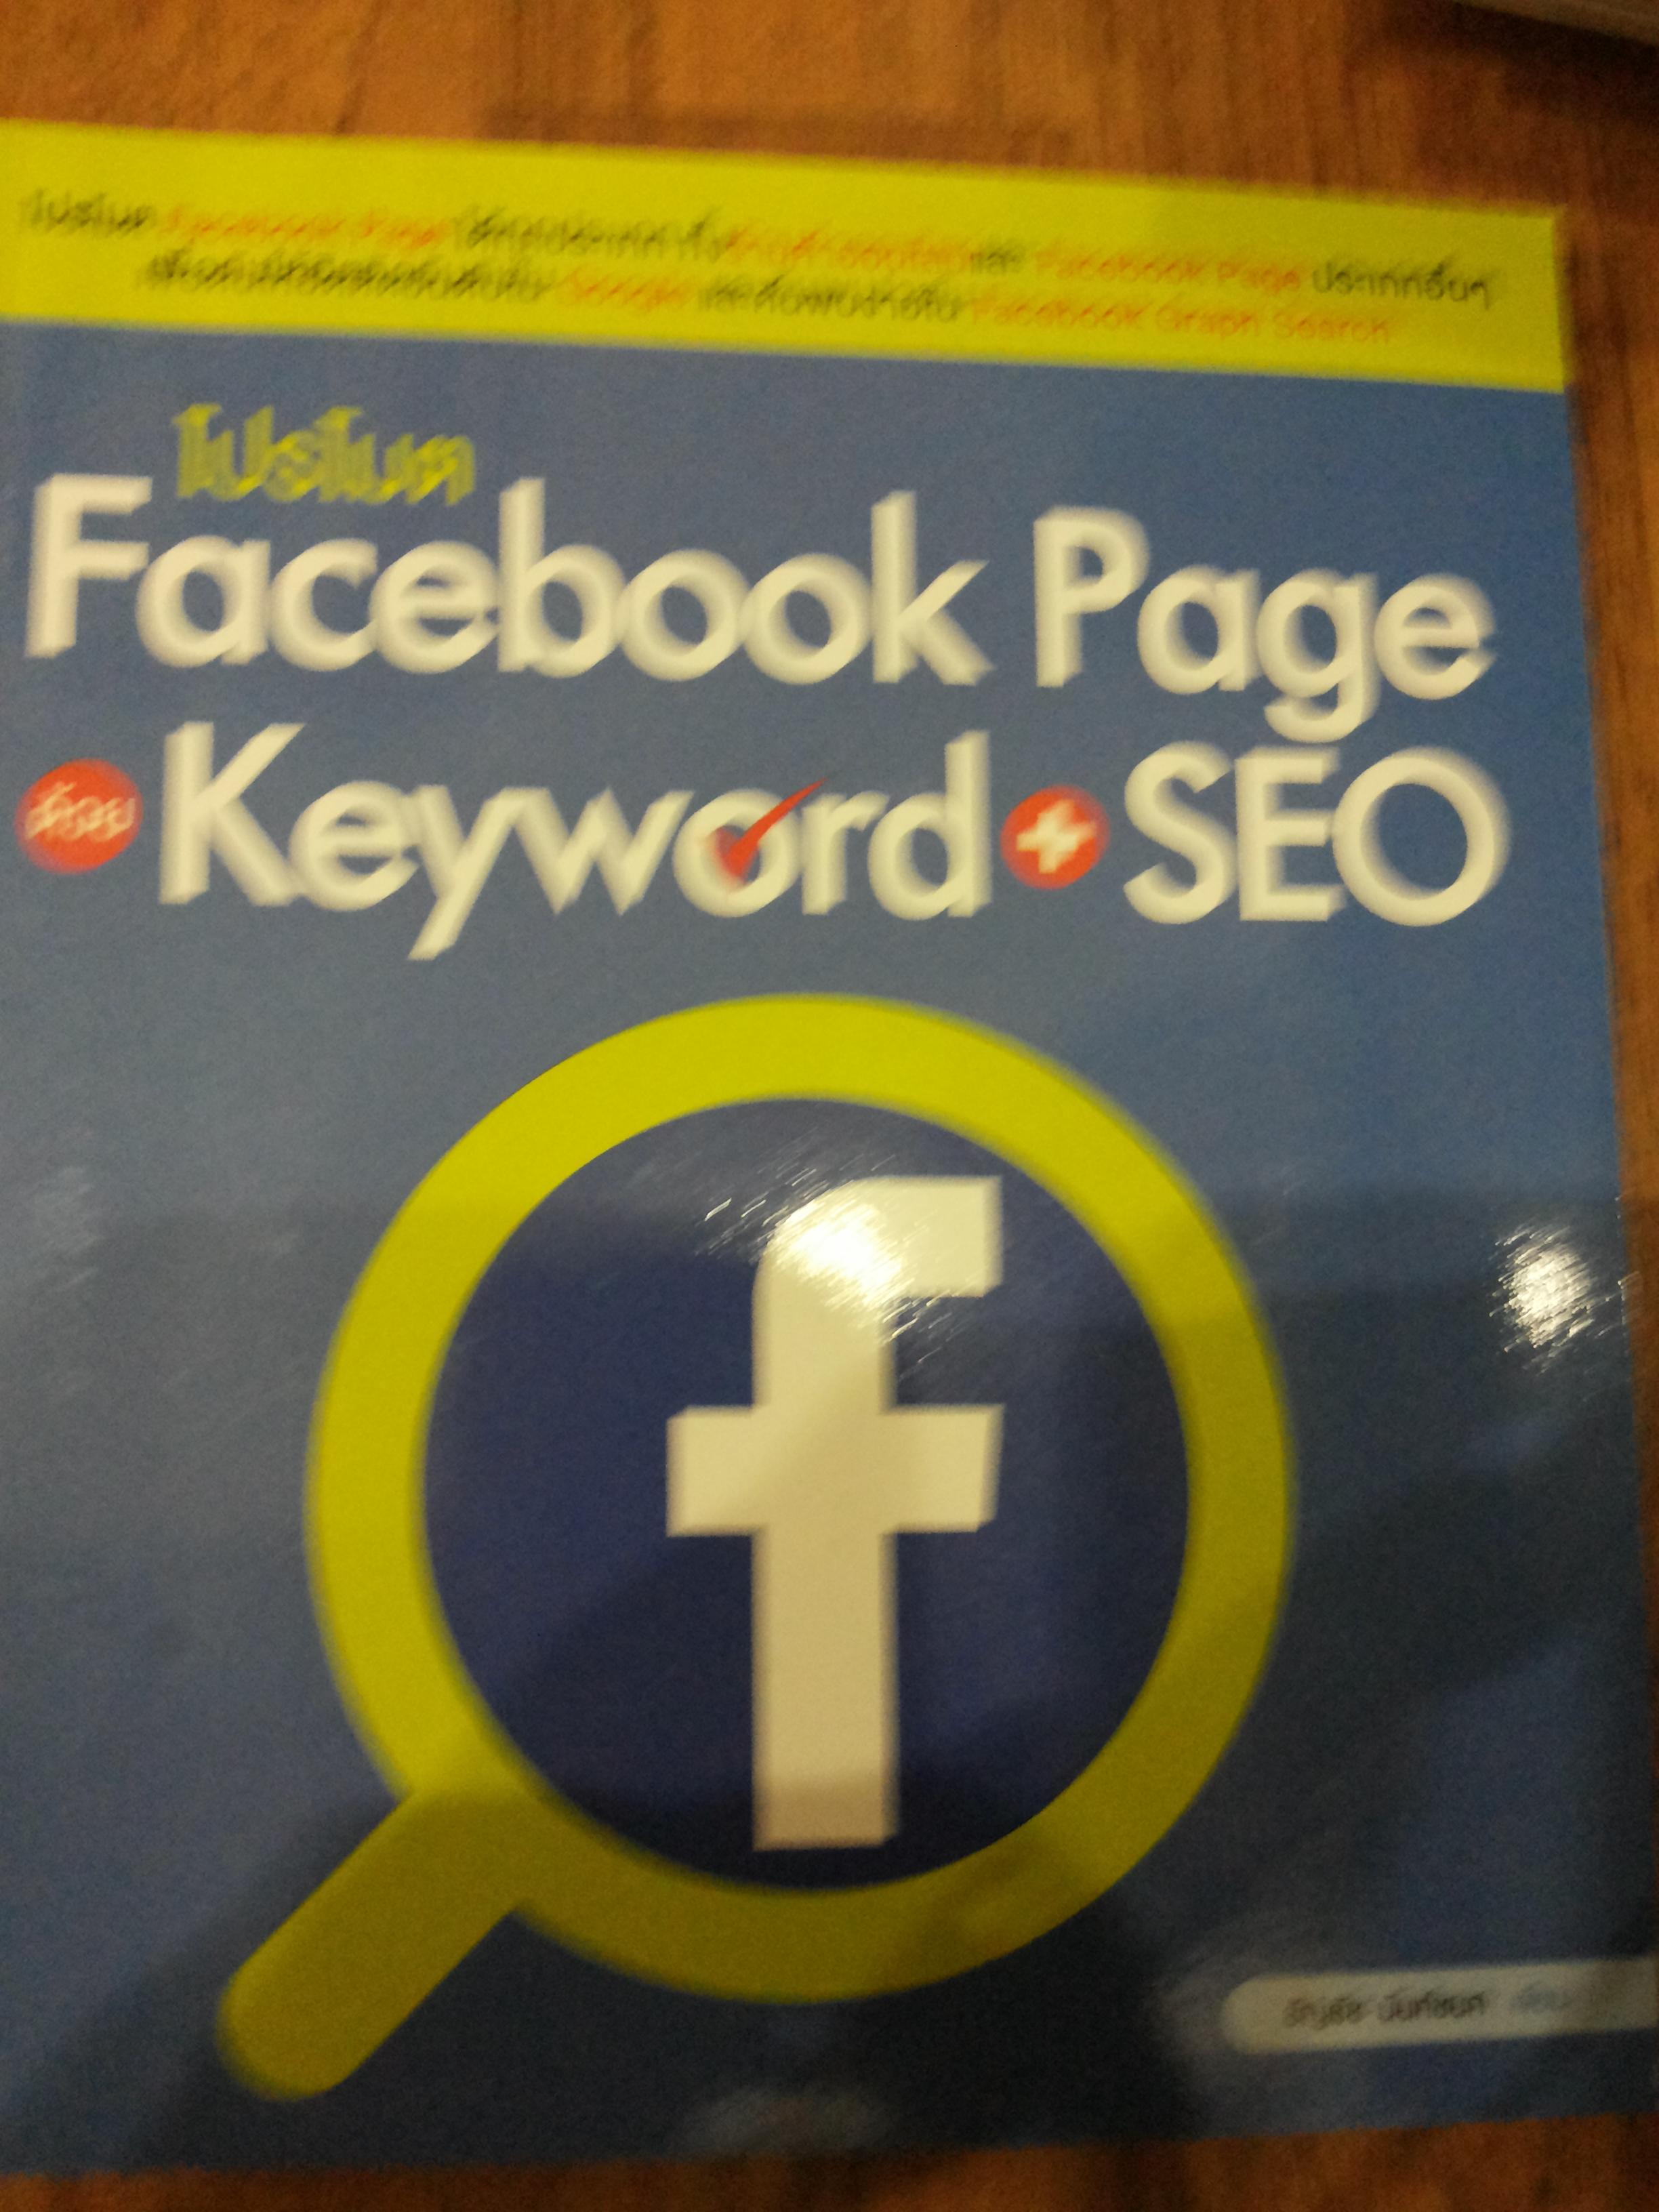 โปรโมต Facebook Page Keyword SEO